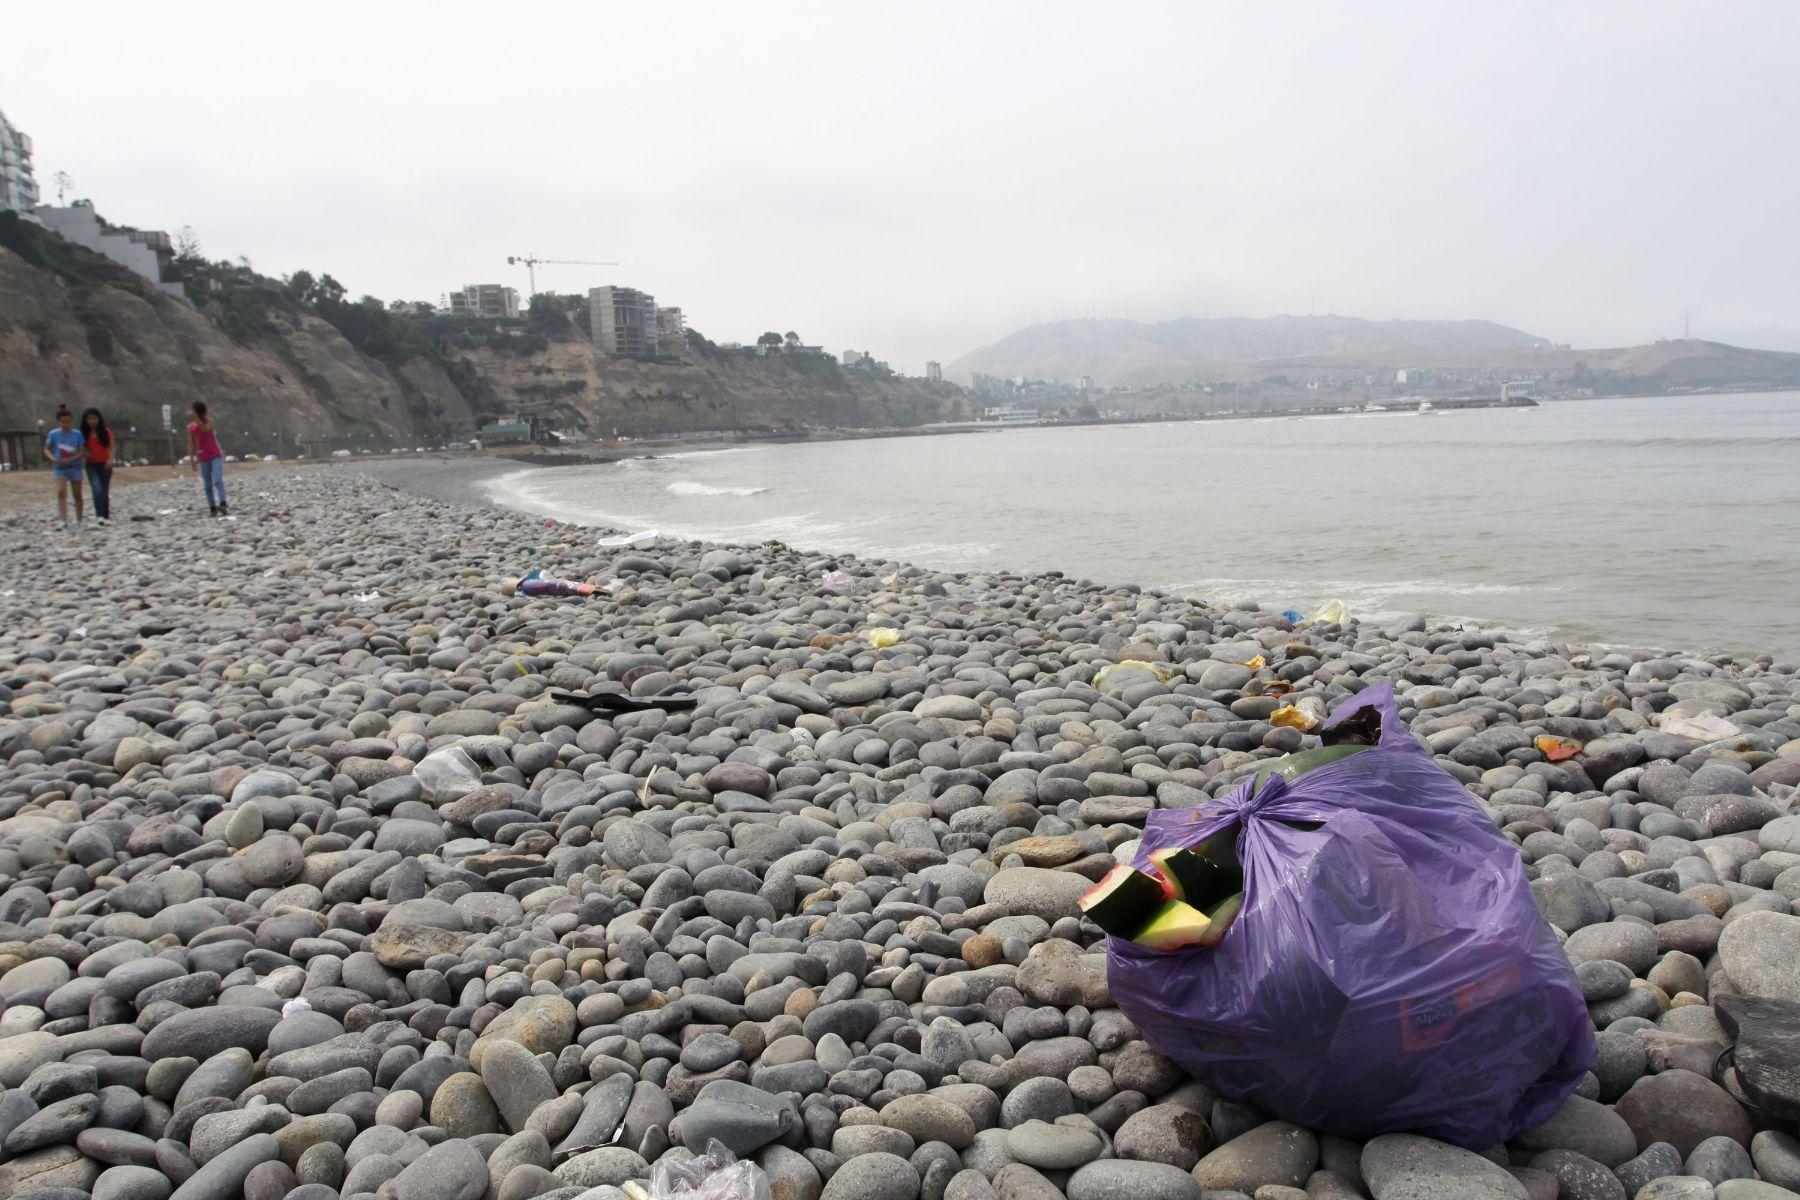 Botar basura en playas ahora será asunto penal